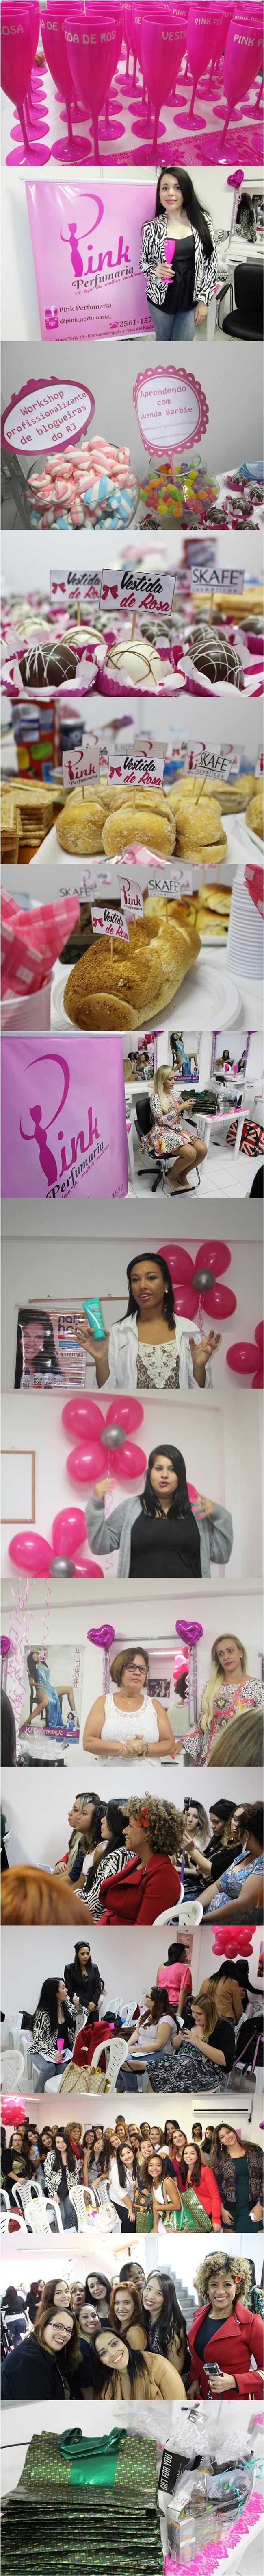 vlog workshop com luanda barbie na pink perfumaria e skafe por pris moraes devaneios etc (01)